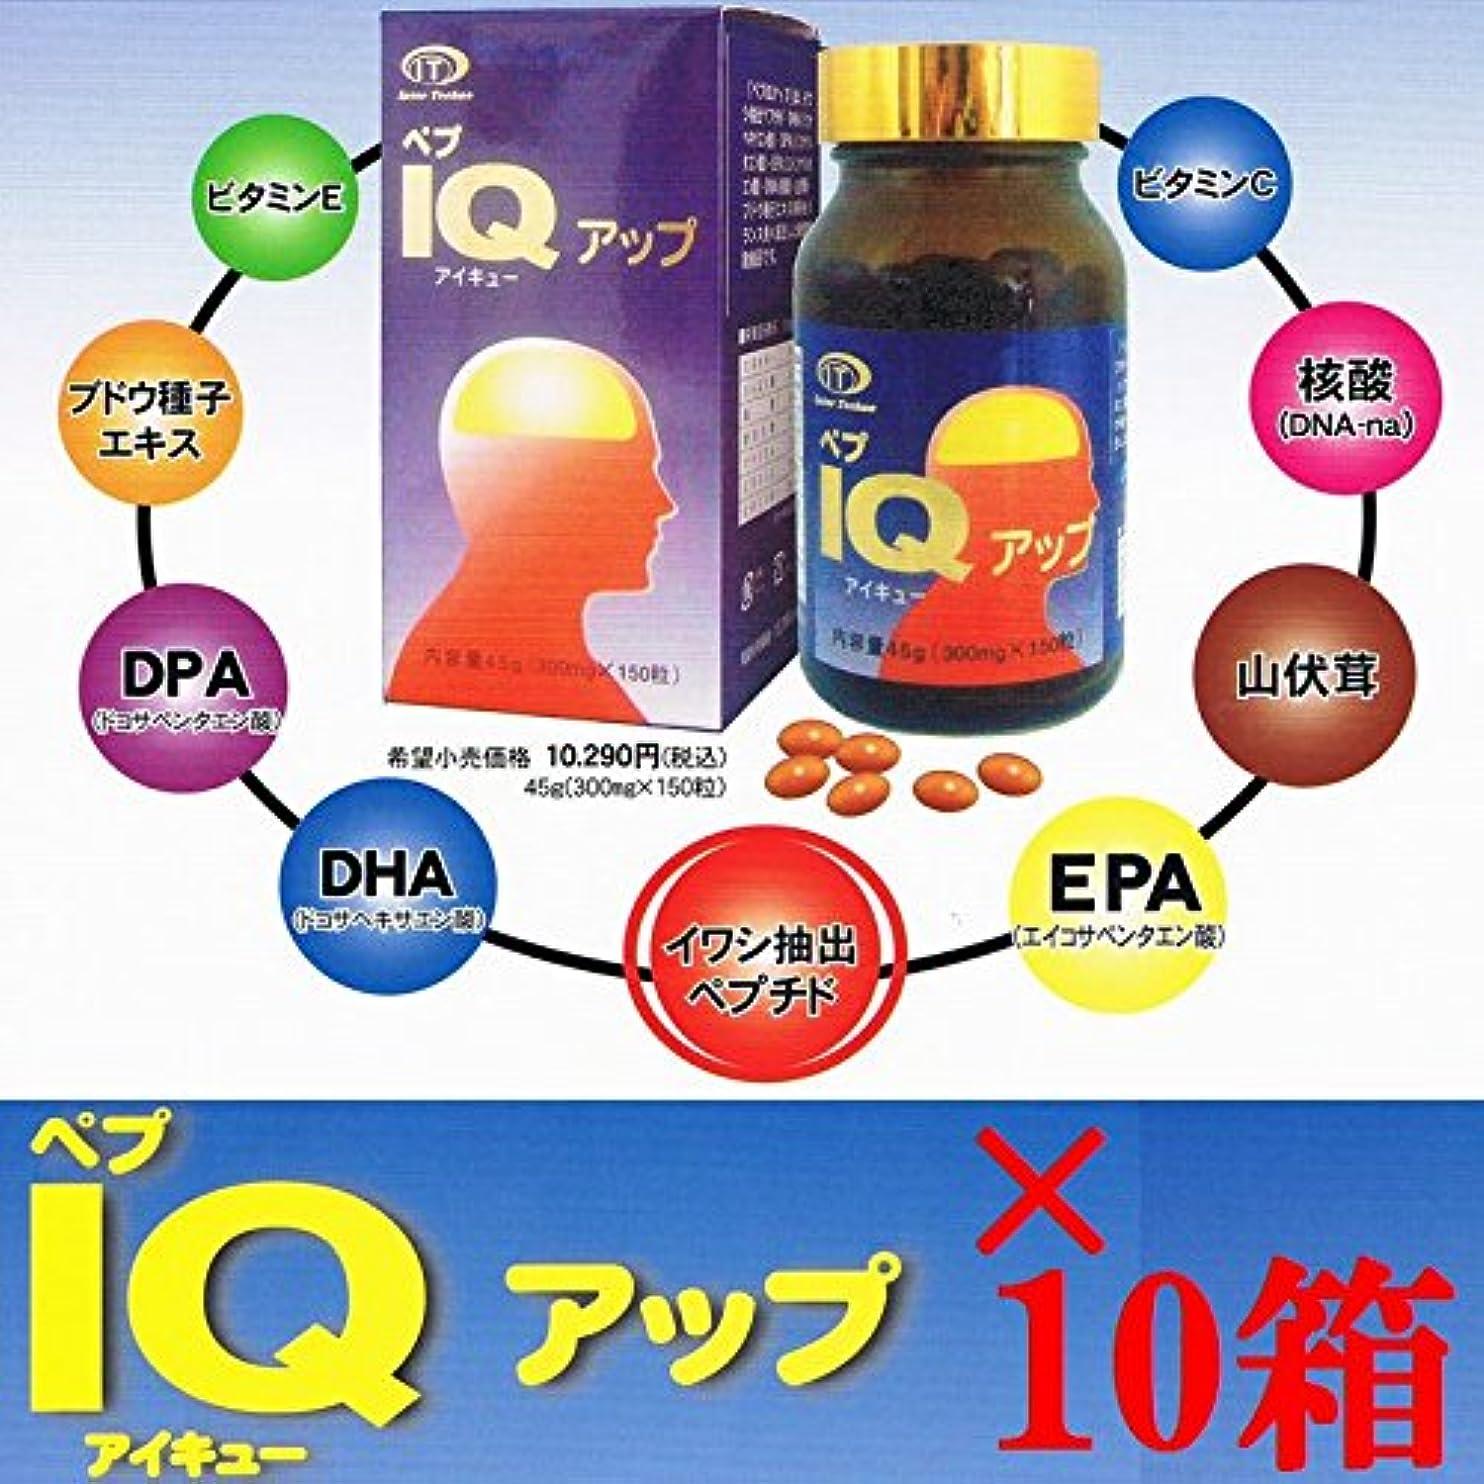 コンテンツ自動上級ペプIQアップ 150粒 ×超お得10箱セット 《記憶?思考、DHA、EPA》